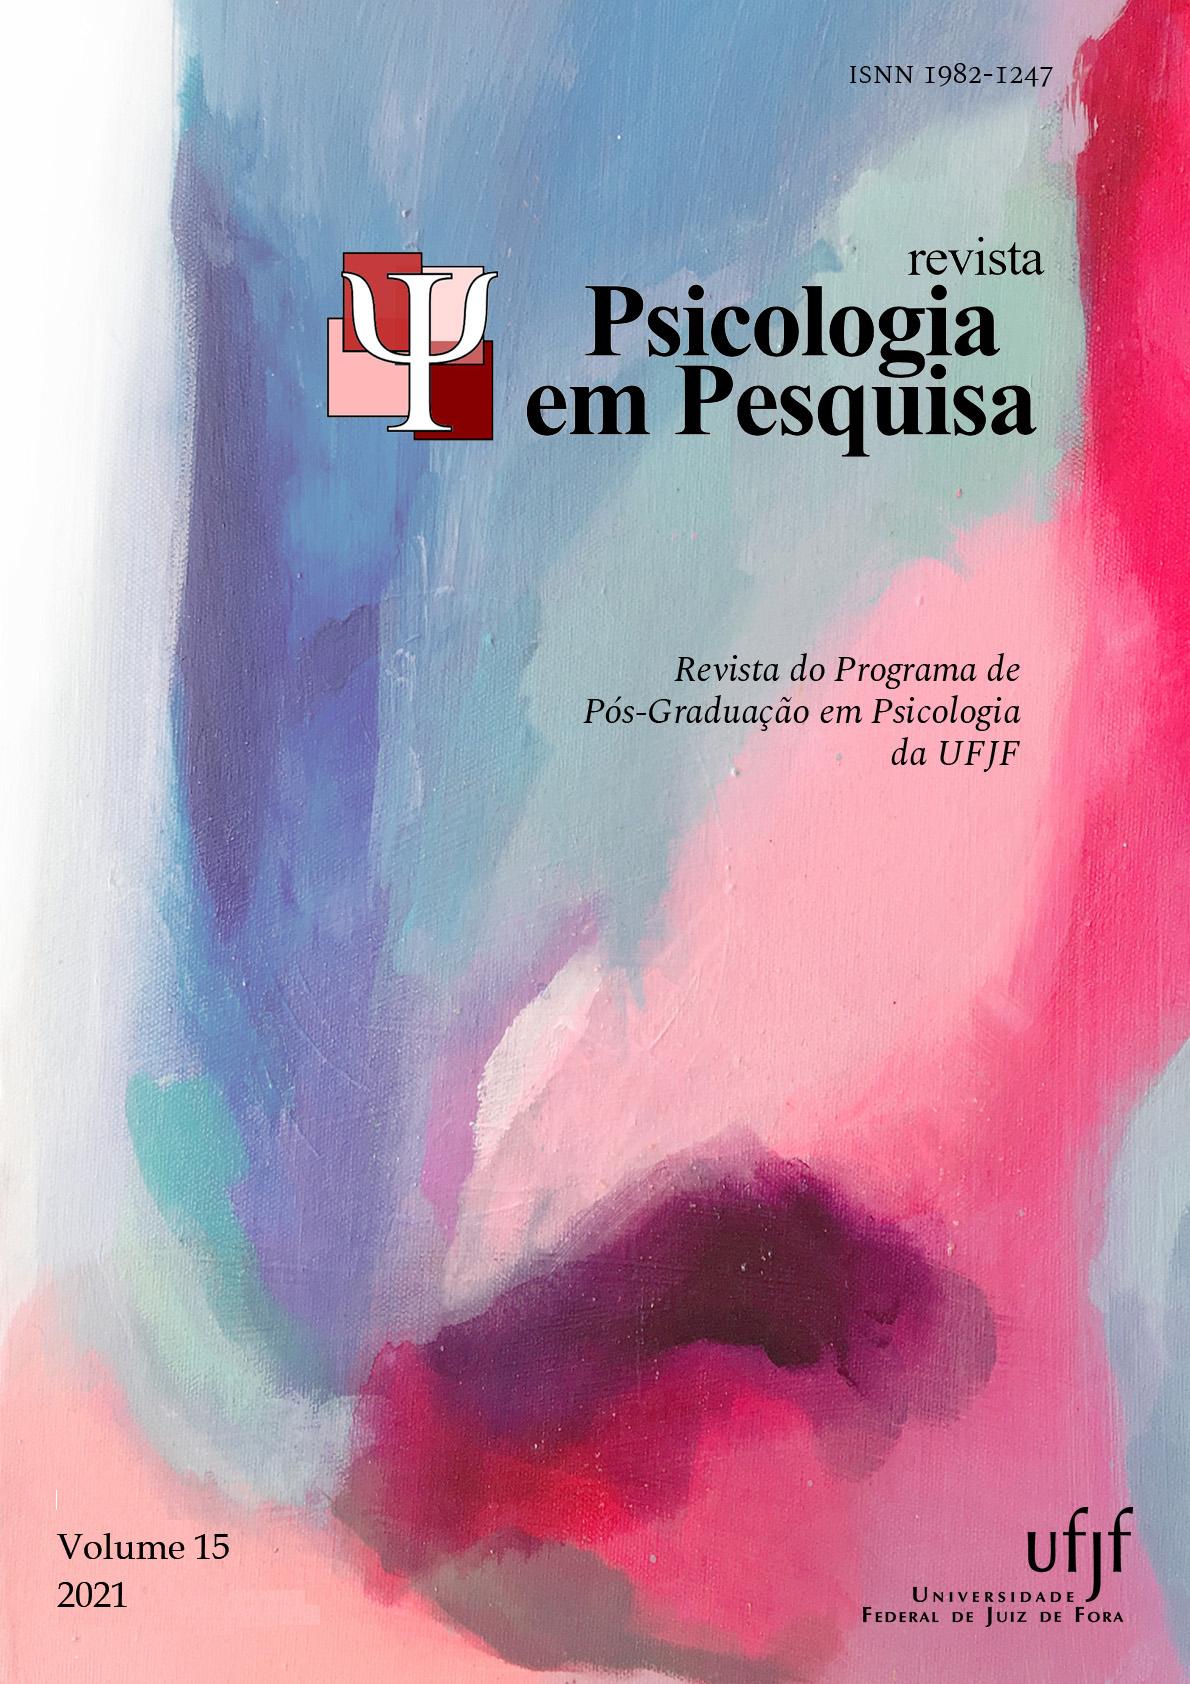 Visualizar v. 15 n. 2 (2021): Revista Psicologia em Pesquisa